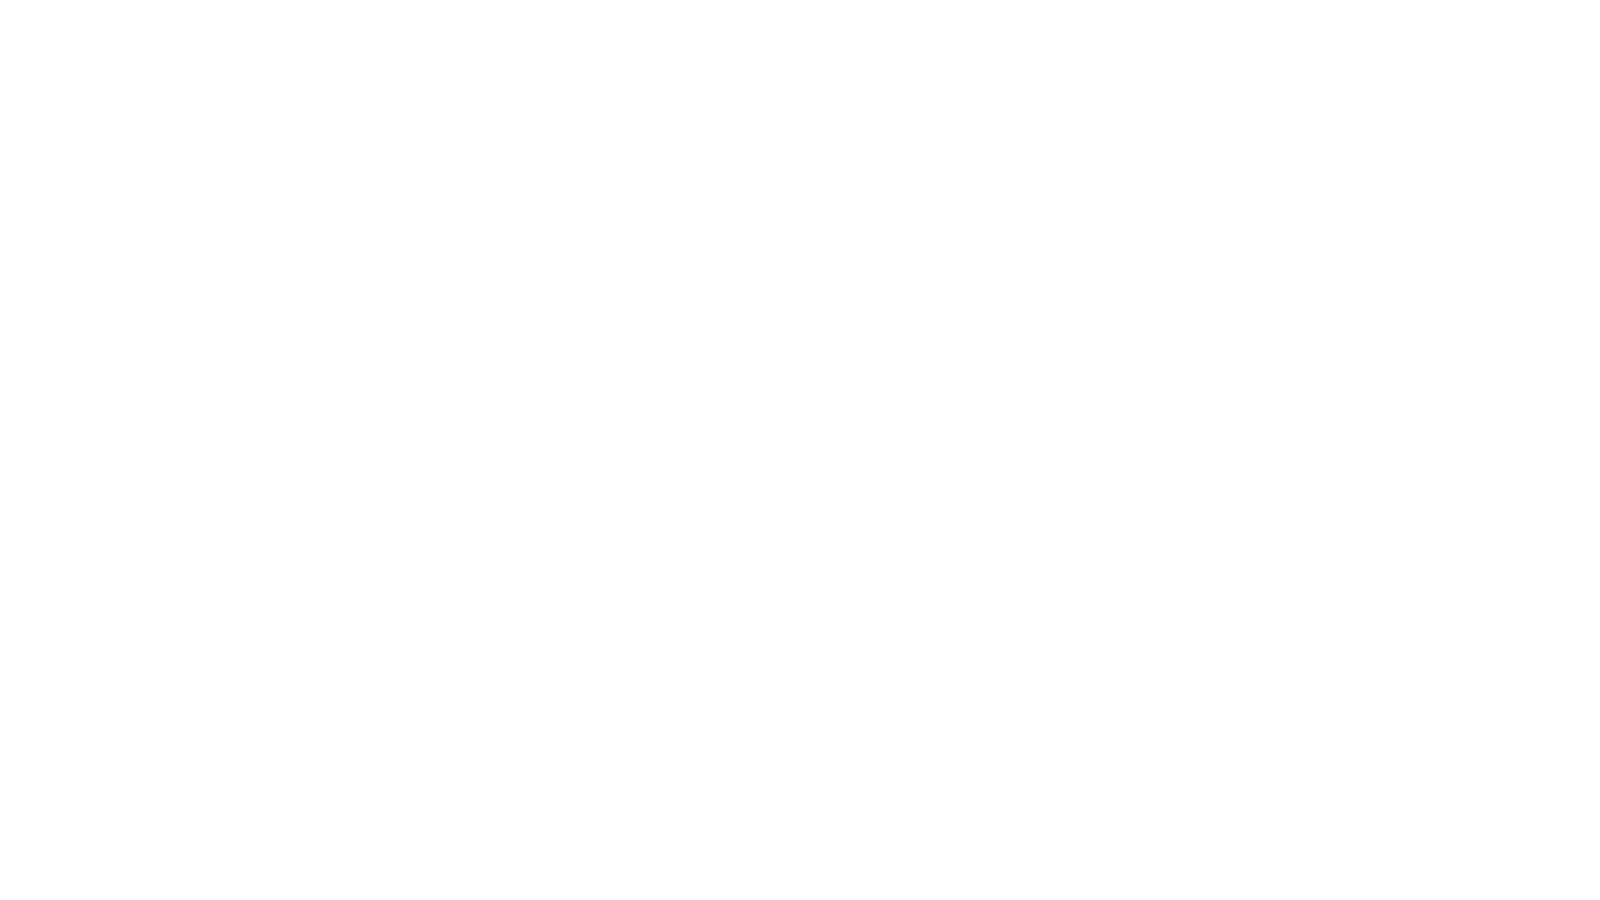 """Muto Dori Kenjutsu - 5 Techniken unbewaffnet gegen einen Schwertangriff!  English Voiceover will come soon! Es konnte auch dem besten Krieger passieren, dass er vom Gegner völlig überrascht oder ihm das Schwert in der Schlacht aus der Hand geschlagen wurde. Für diese Situationen wurden in den japanischen Kampfkünsten die Mutodori Techniken gelehrt. Der Kämpfer musste jetzt alles auf eine Karte setzen, sich mutig dem Gegner entgegen stellen. Es kommt nun auf präzises Timing, saubere Beinarbeit und auf eine handvoll Techniken an. Wichtig ist, im korrekten Zeitpunkt den Abstand zum Gegner zu verringern. Zum einen gibt es Techniken, mit denen dere Gegner quasi KO geschlagen oder geschockt wurde und jene Techniken, mit denen man versuchte, dem Gegner das Schwert abzunehmen und es gegen ihn einzusetzen. Und um genau diese Techniken geht es in diesem Video. Wir zeigen 5 einfache Basistechniken im Detail und geben auch einen kleinen Einblick, wie unsere fortgeschrittenen Schüler das im Randori trainieren.  Übe solche Techniken niemals mit einem Stahlschwert. Übe es mit einem Bokken, einem Holzschwert. Interessant ist natürlich auch hier wieder, wie man solche Techniken auf die heutige Zeit, in eine akute Selbstverteidigungs-Situation übernehmen kann. """"Niemand greift heute noch mit einem Schwert an!"""" Wirklich? Es kam in den letzten Jahren immer wieder zu genau diesen Situationen! Aber auch Angriffe mit einer Eisenstange, Baseball-Schläger, Holzbalken etc. laufen von der Bewegung her ähnlich ab...."""